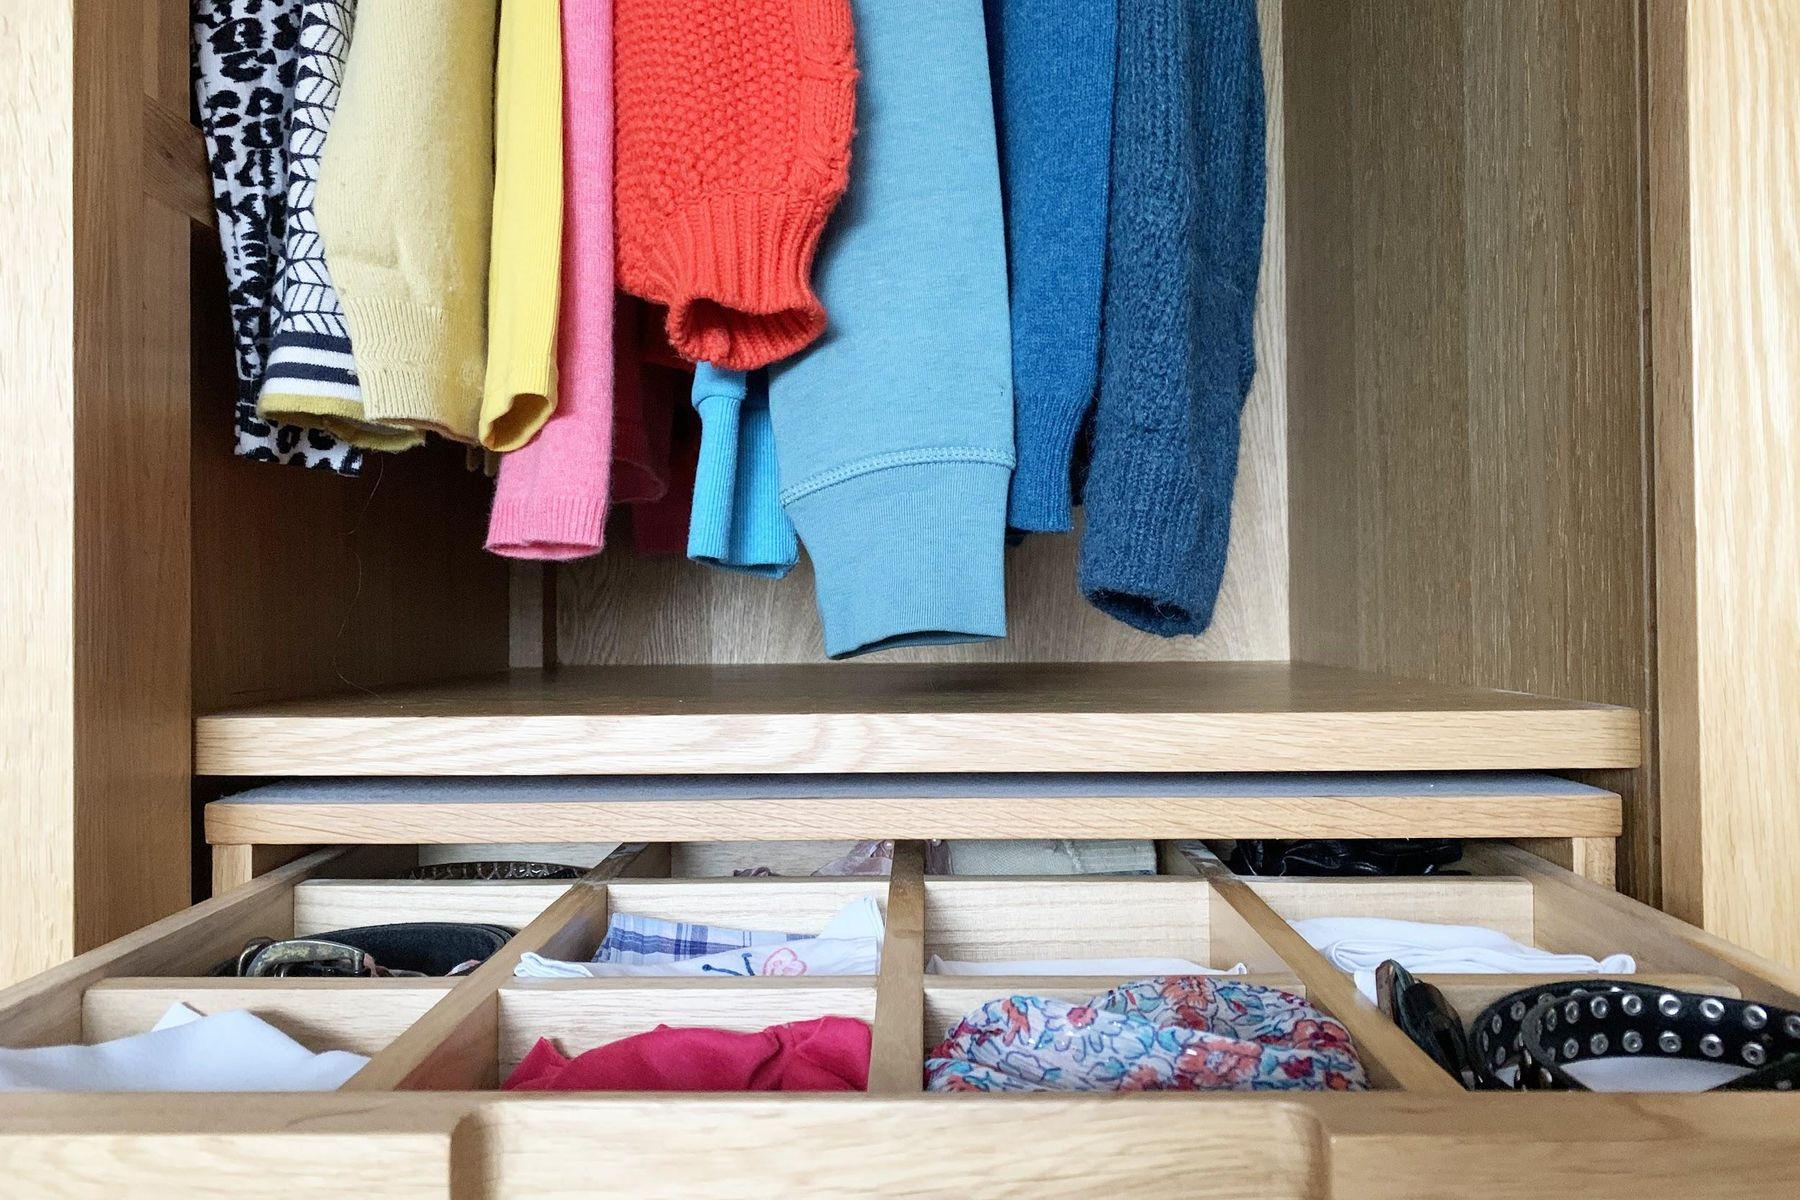 Roupas coloridas organizadas no guarda roupa pequeno